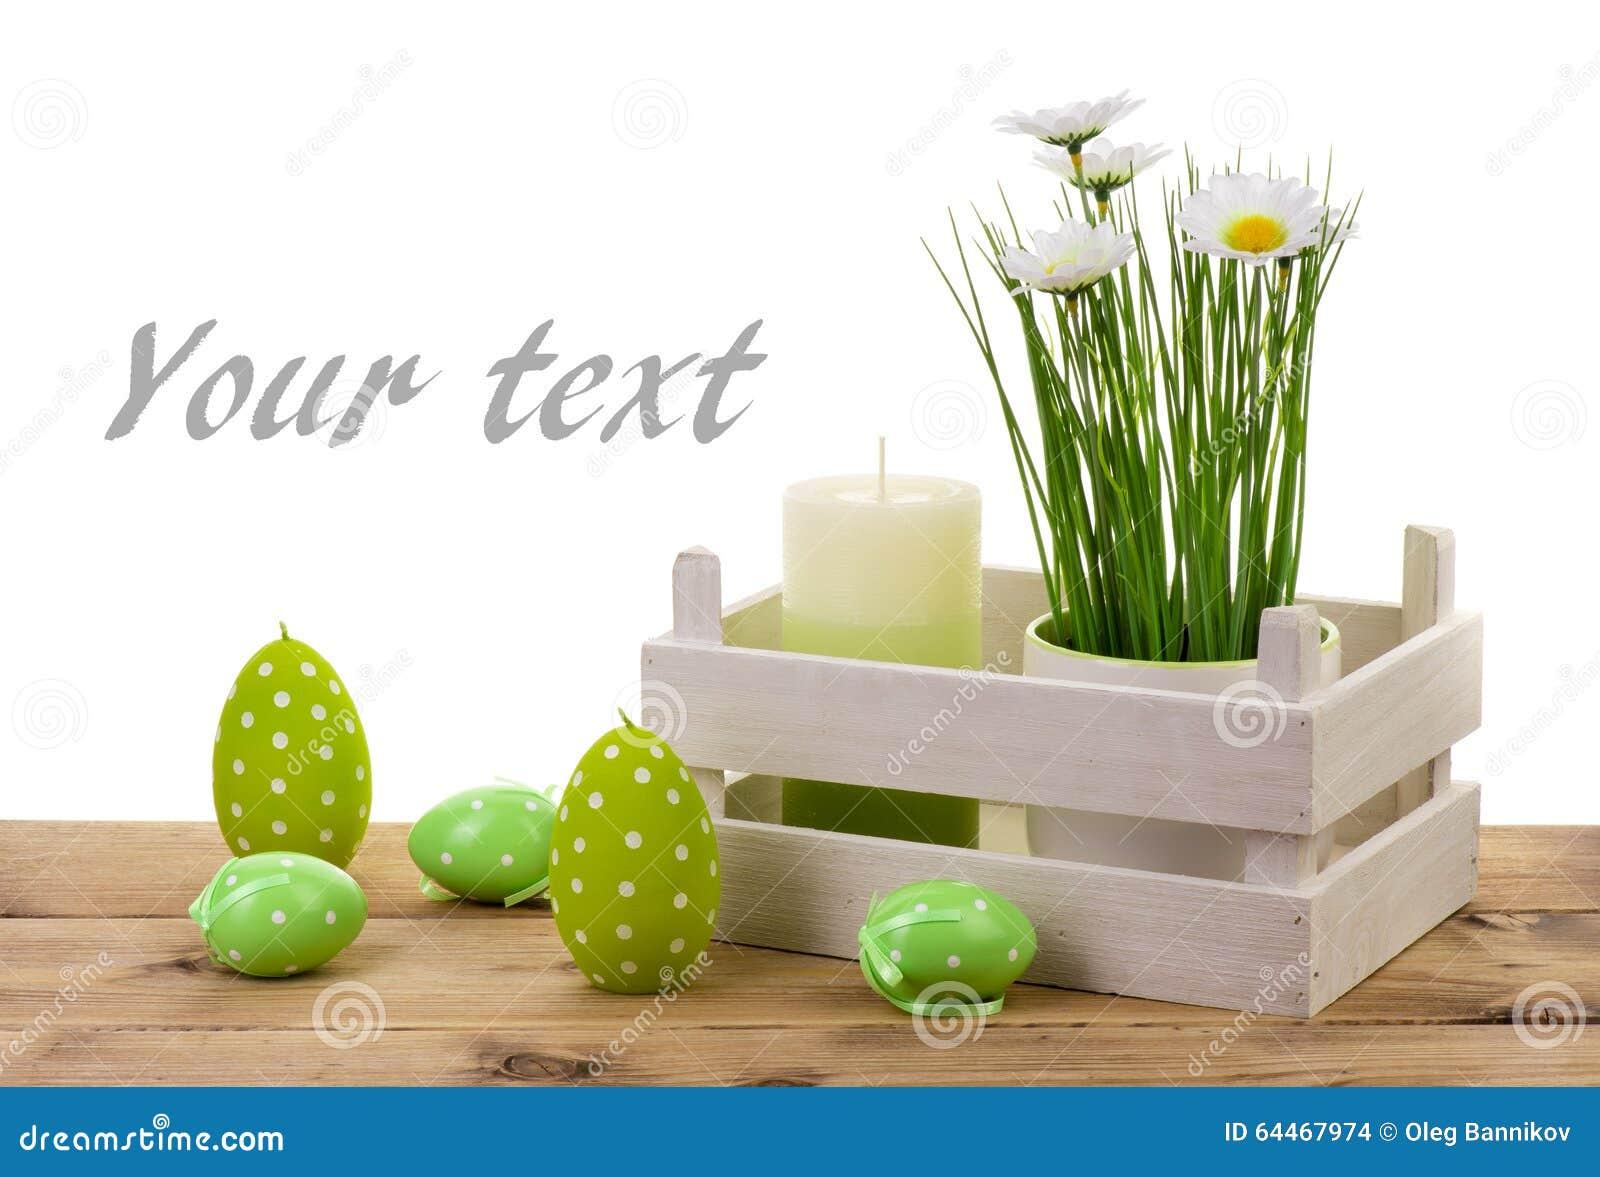 ostern dekorationen kerze eier und blume im topf auf dem h lzernen hintergrund stockfoto bild. Black Bedroom Furniture Sets. Home Design Ideas